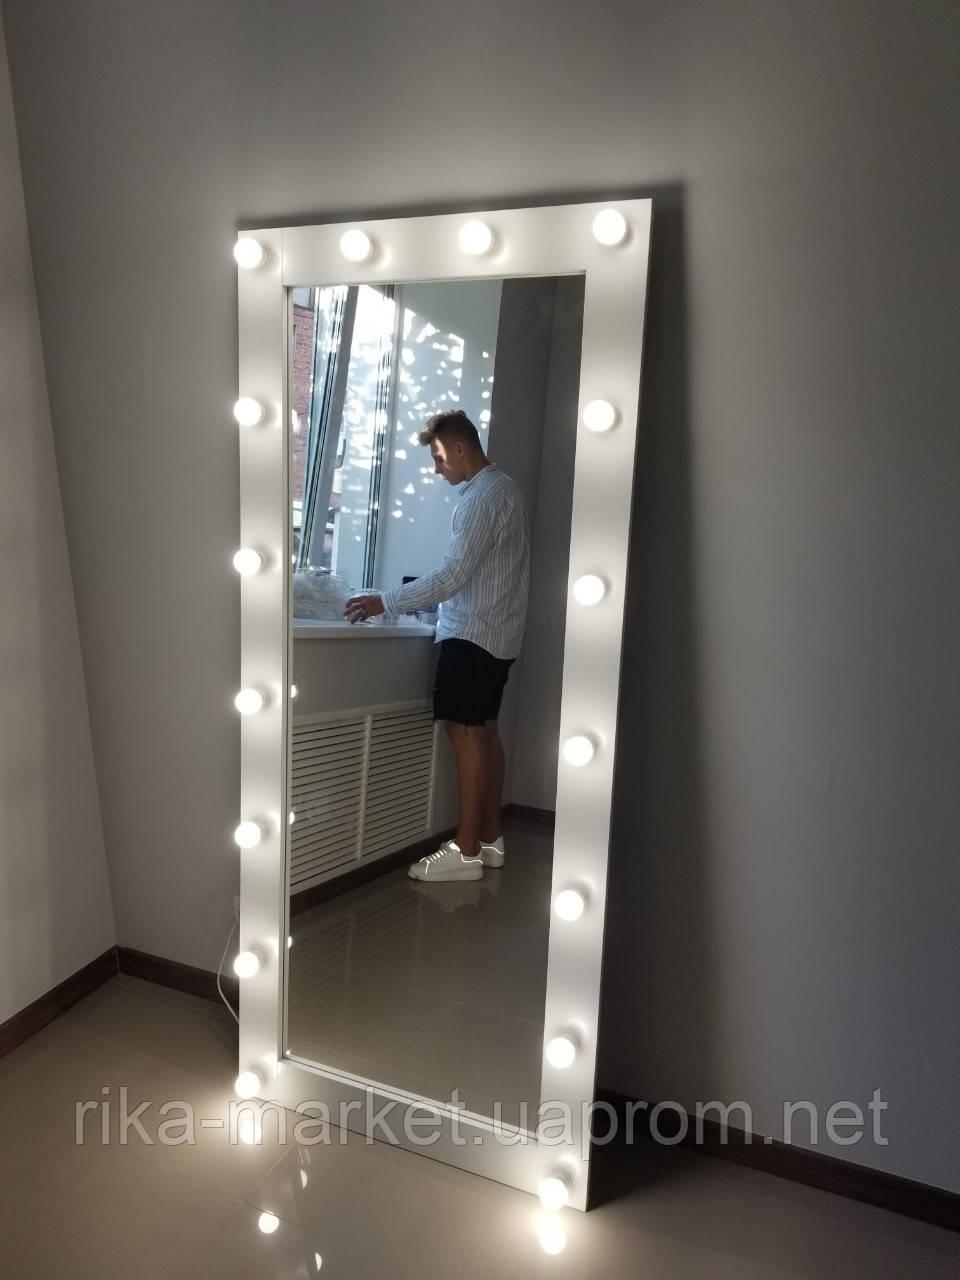 Зеркало с подсветкой в полный рост для дома и салона красоты 1800*700